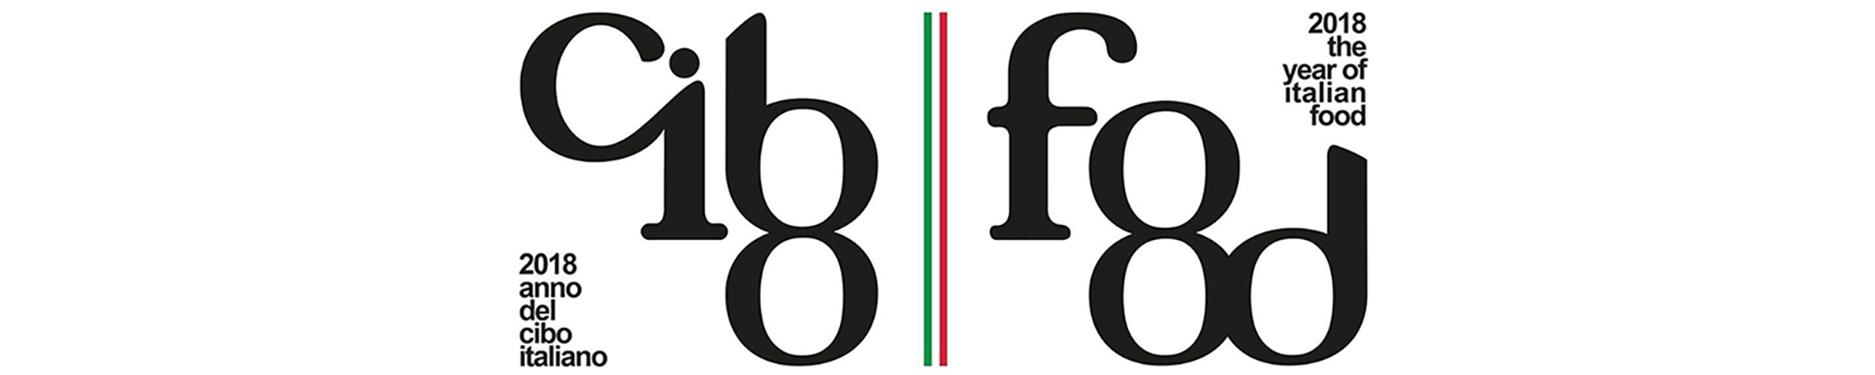 2018-anno-del-cibo-italiano-home